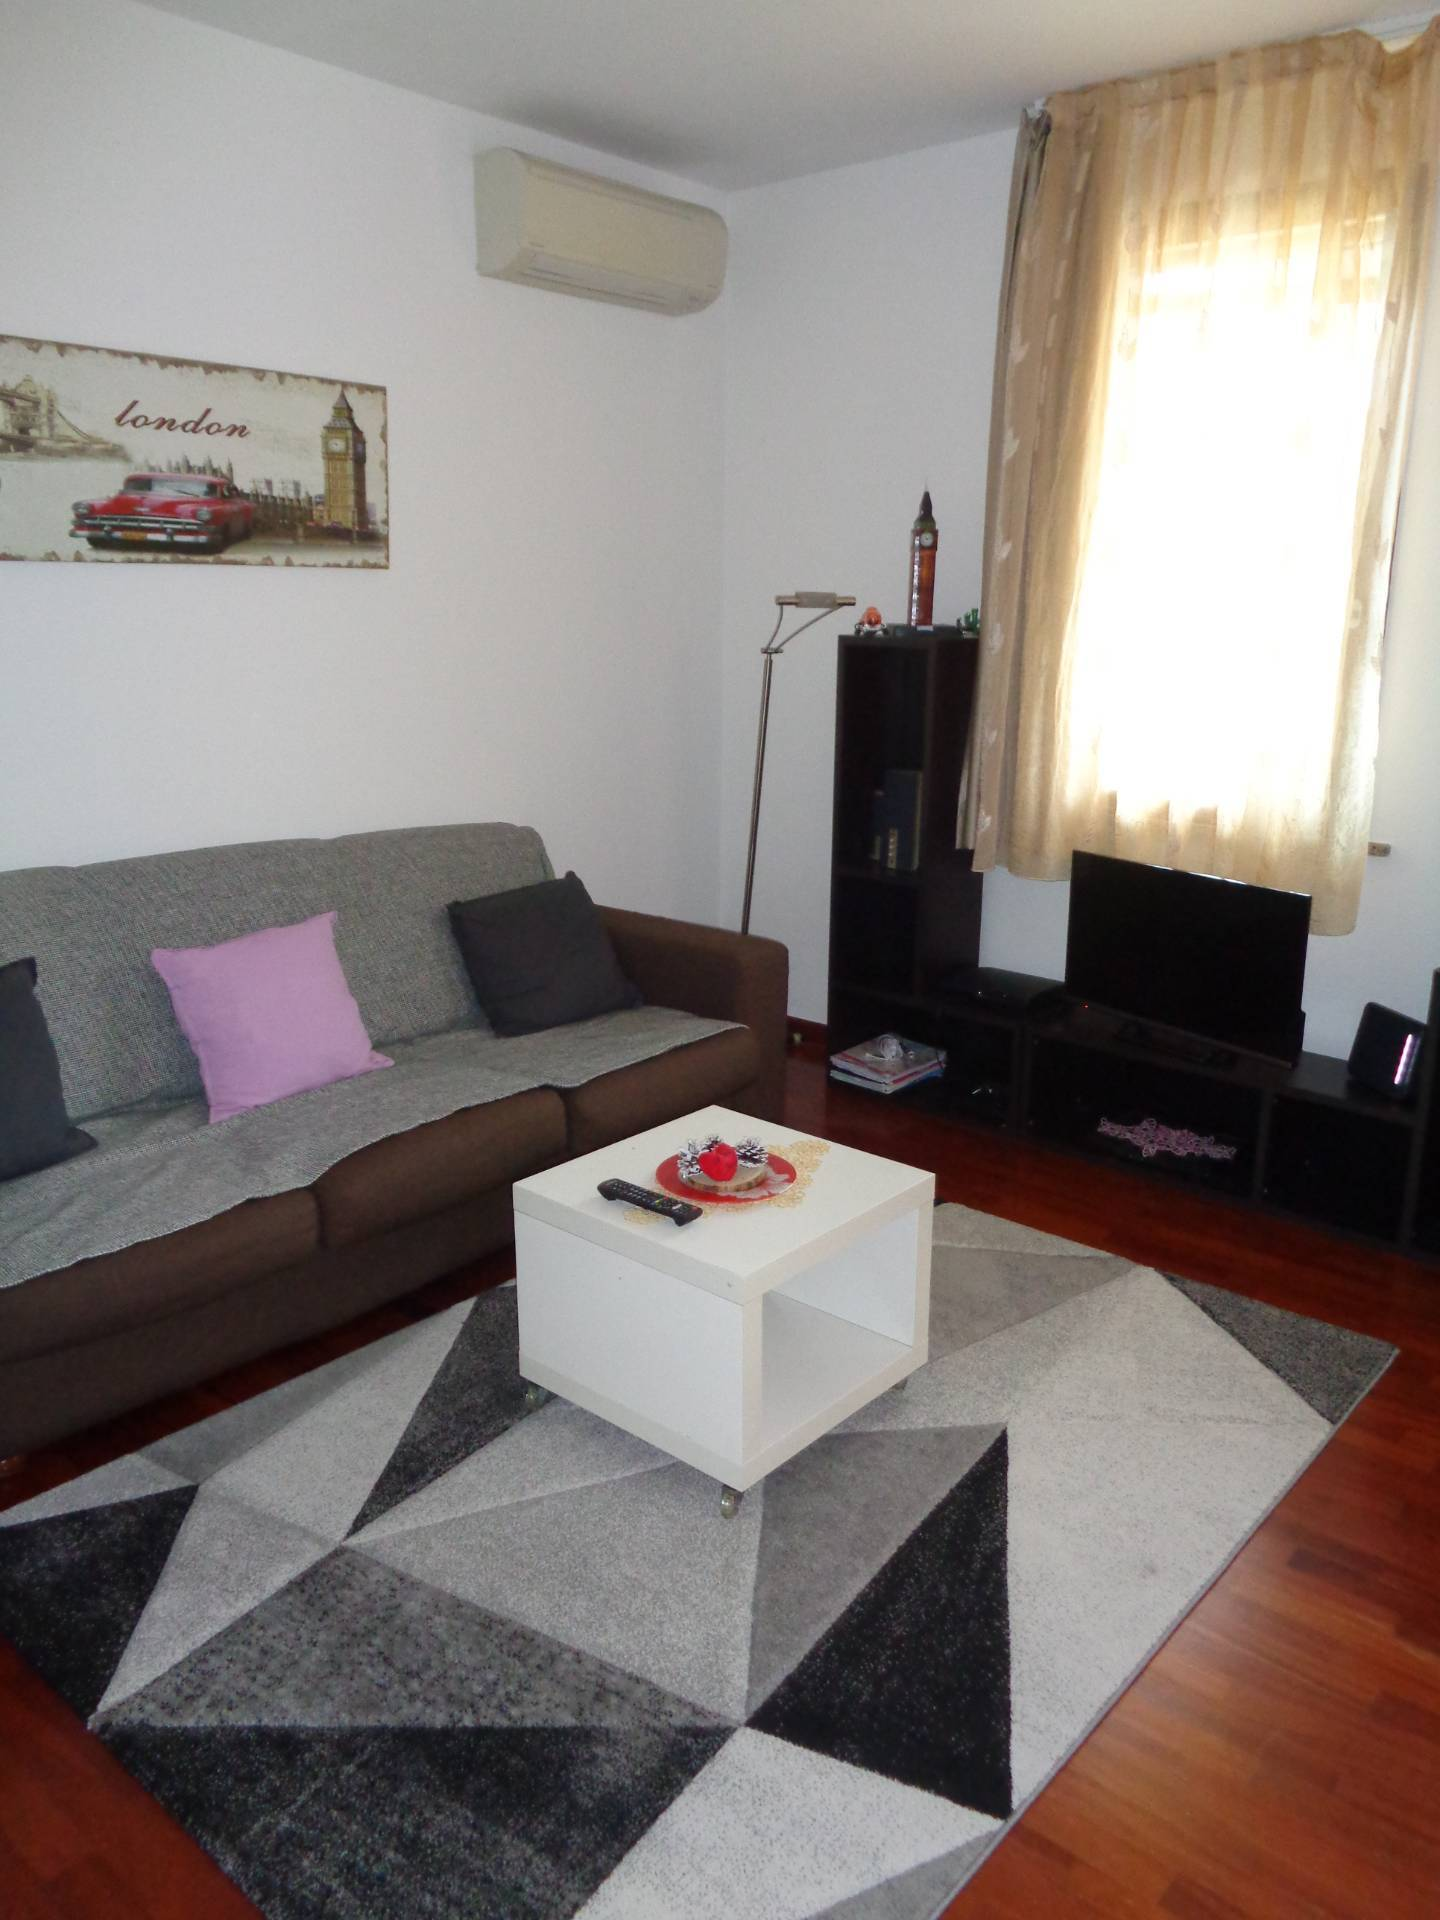 Appartamento in affitto a Longiano, 3 locali, zona Località: Longiano, prezzo € 650 | CambioCasa.it